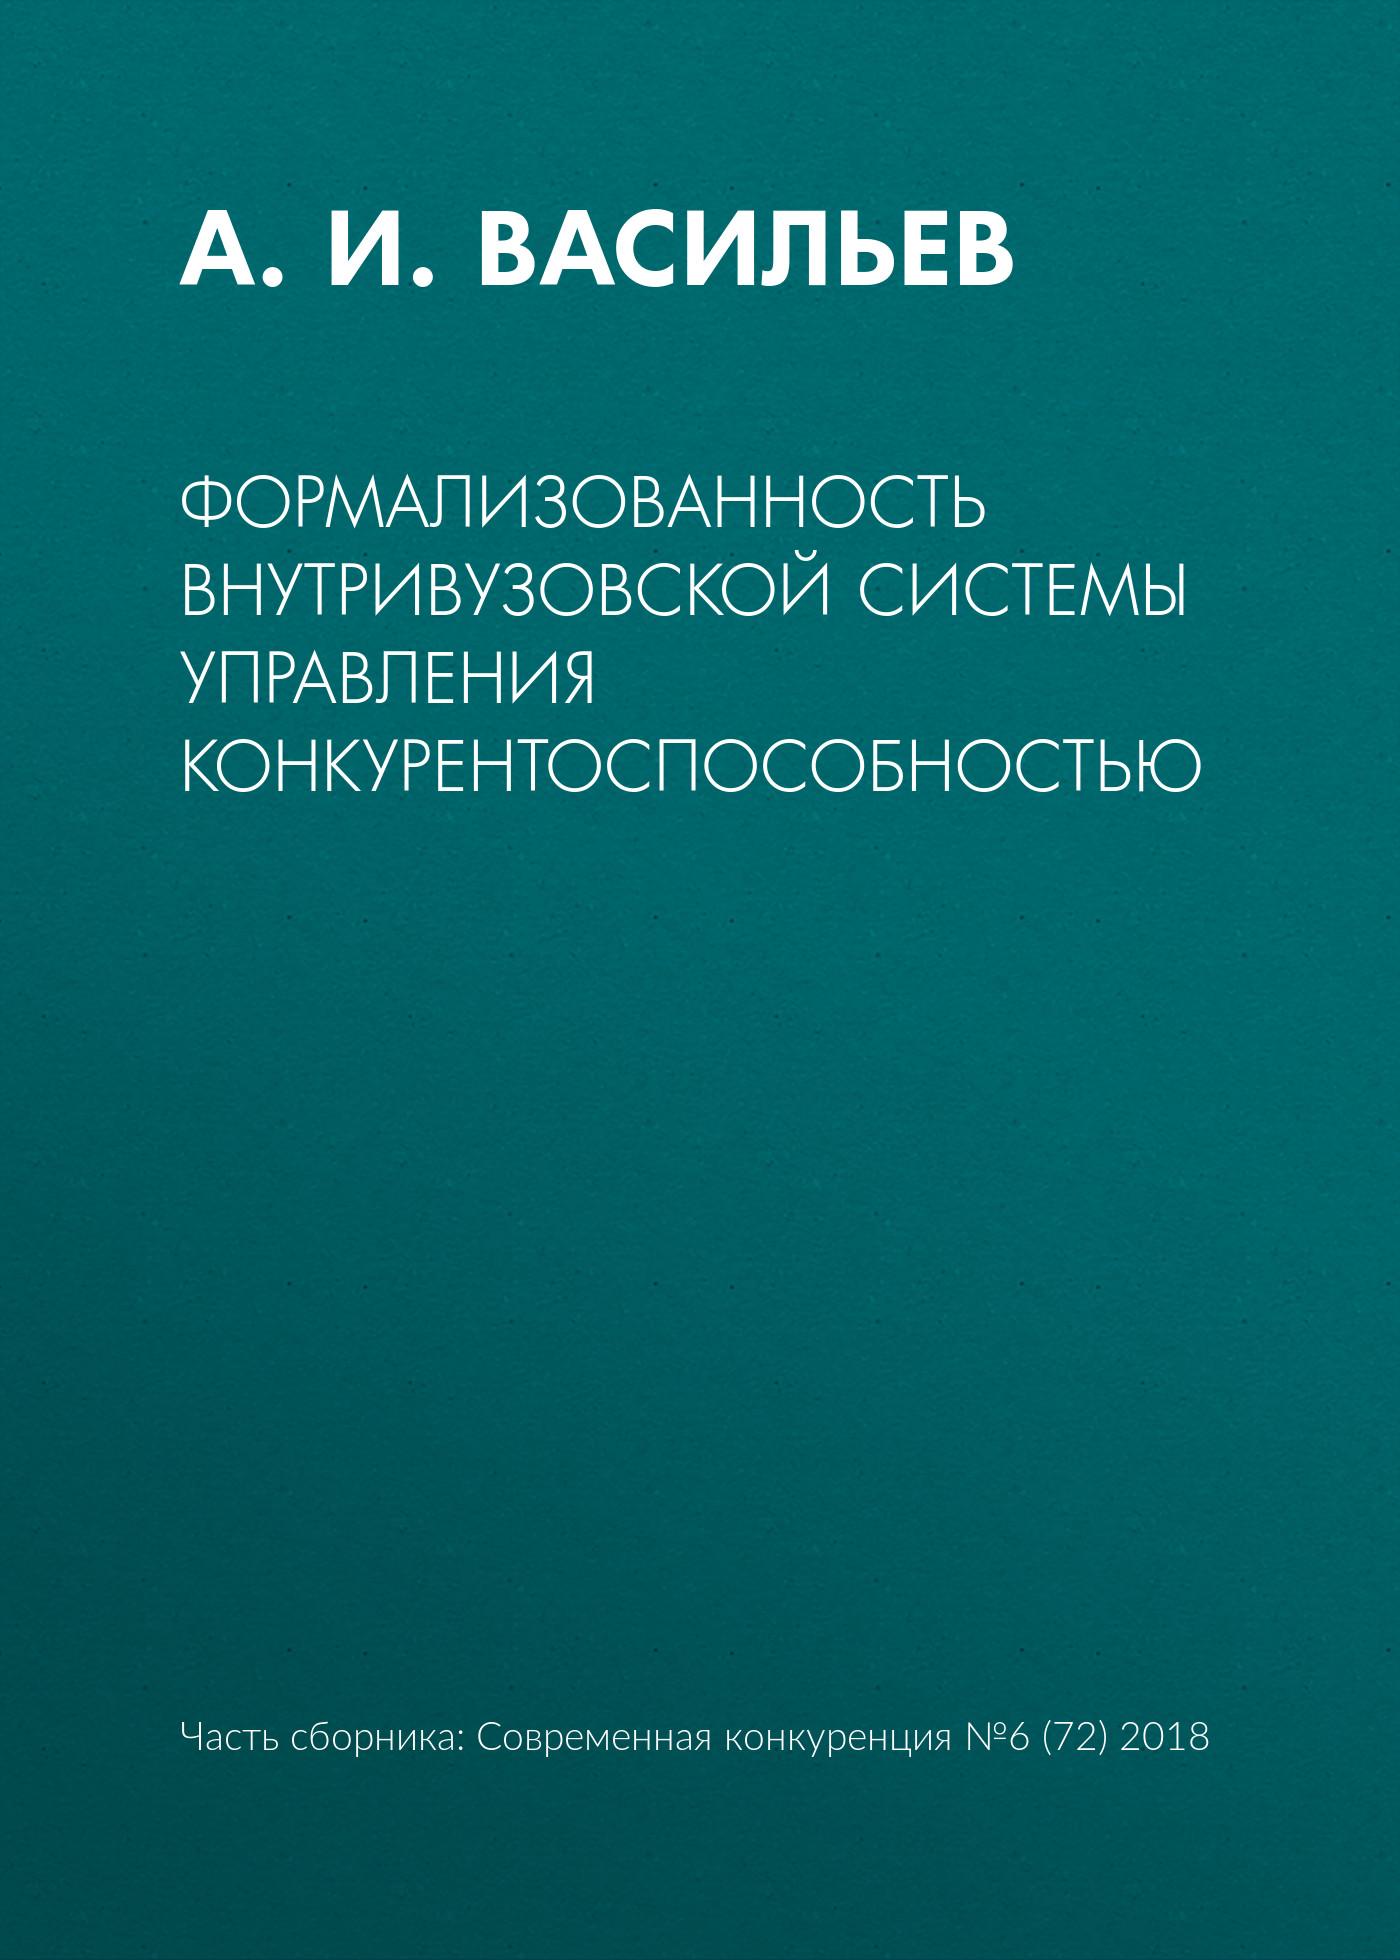 все цены на А. И. Васильев Формализованность внутривузовской системы управления конкурентоспособностью онлайн